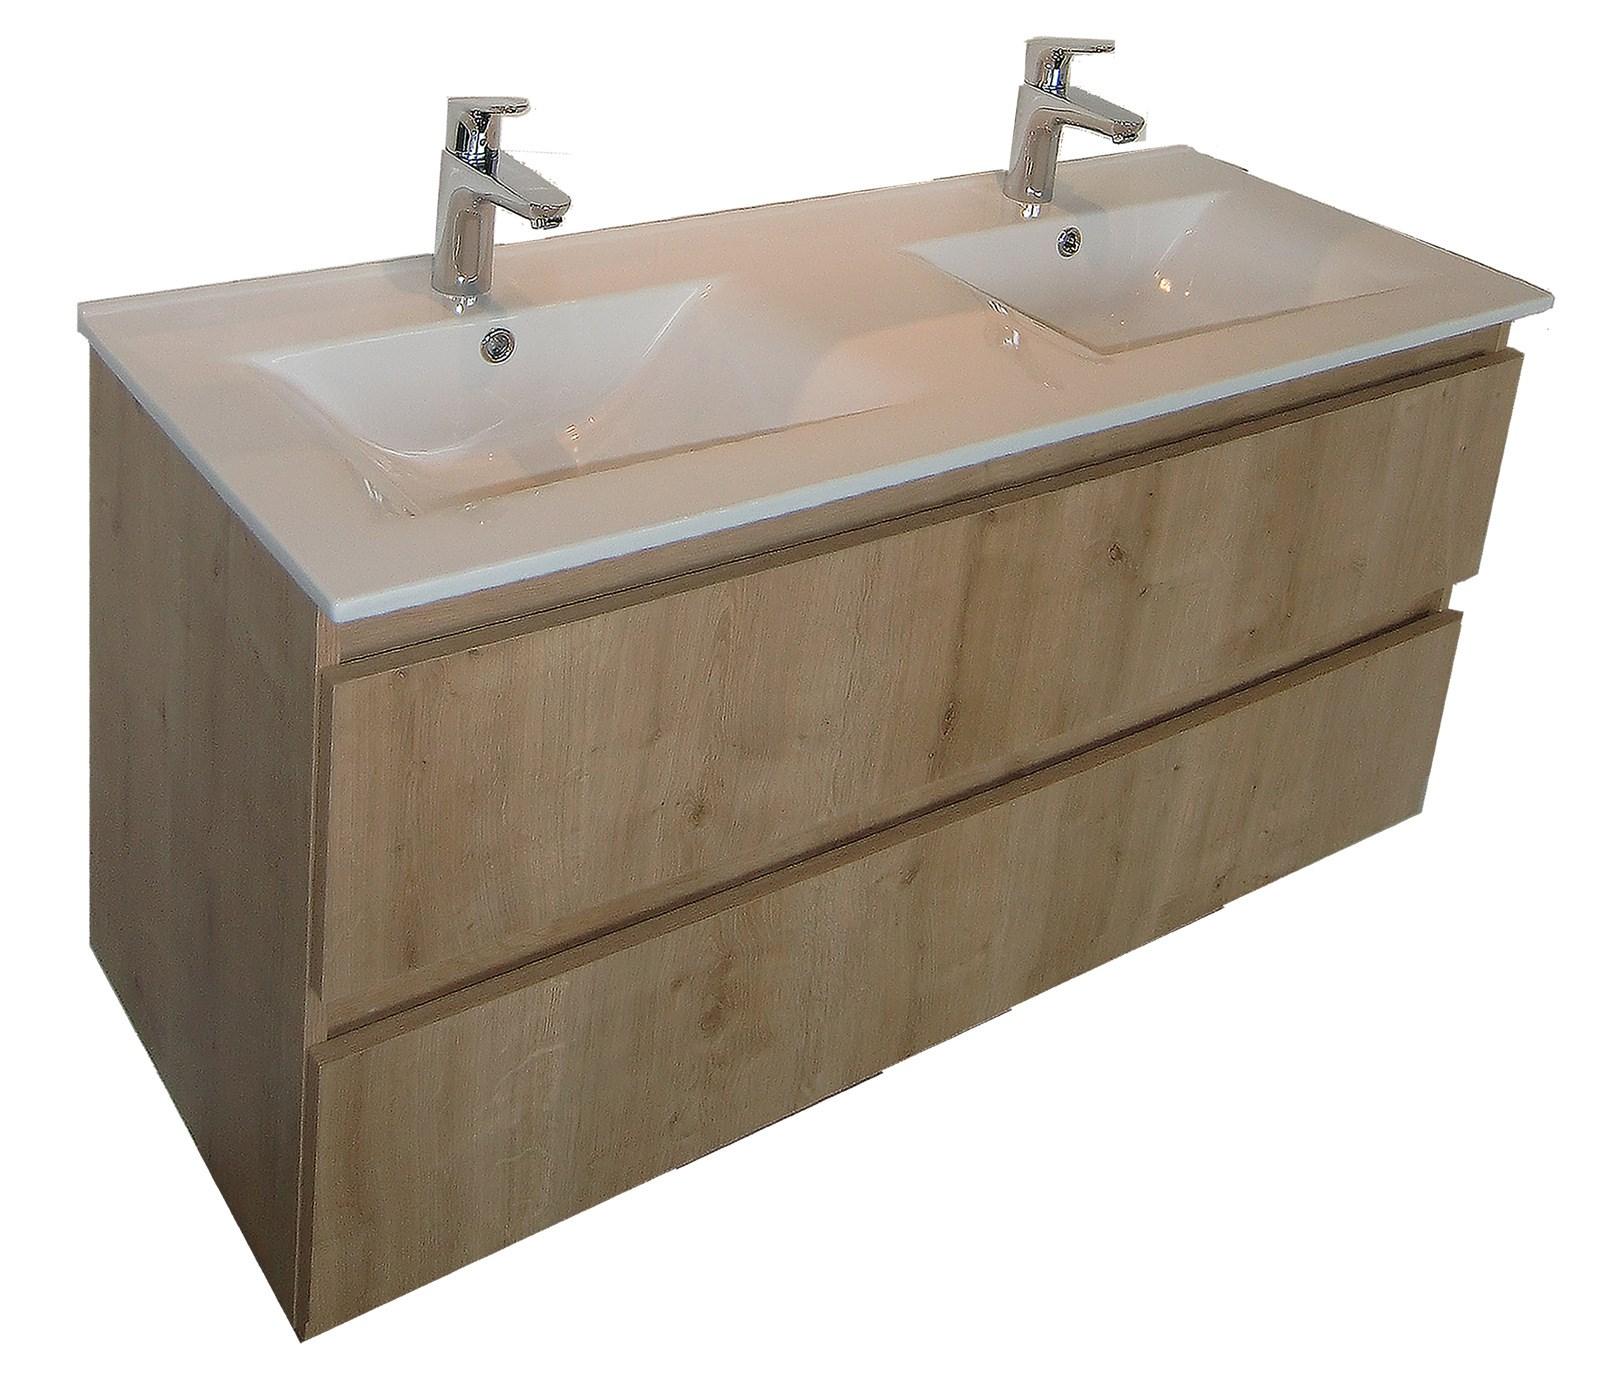 Meuble sous vasque rivage 2 tiroirs de 120 cm for Meuble sous vasque 120 cm